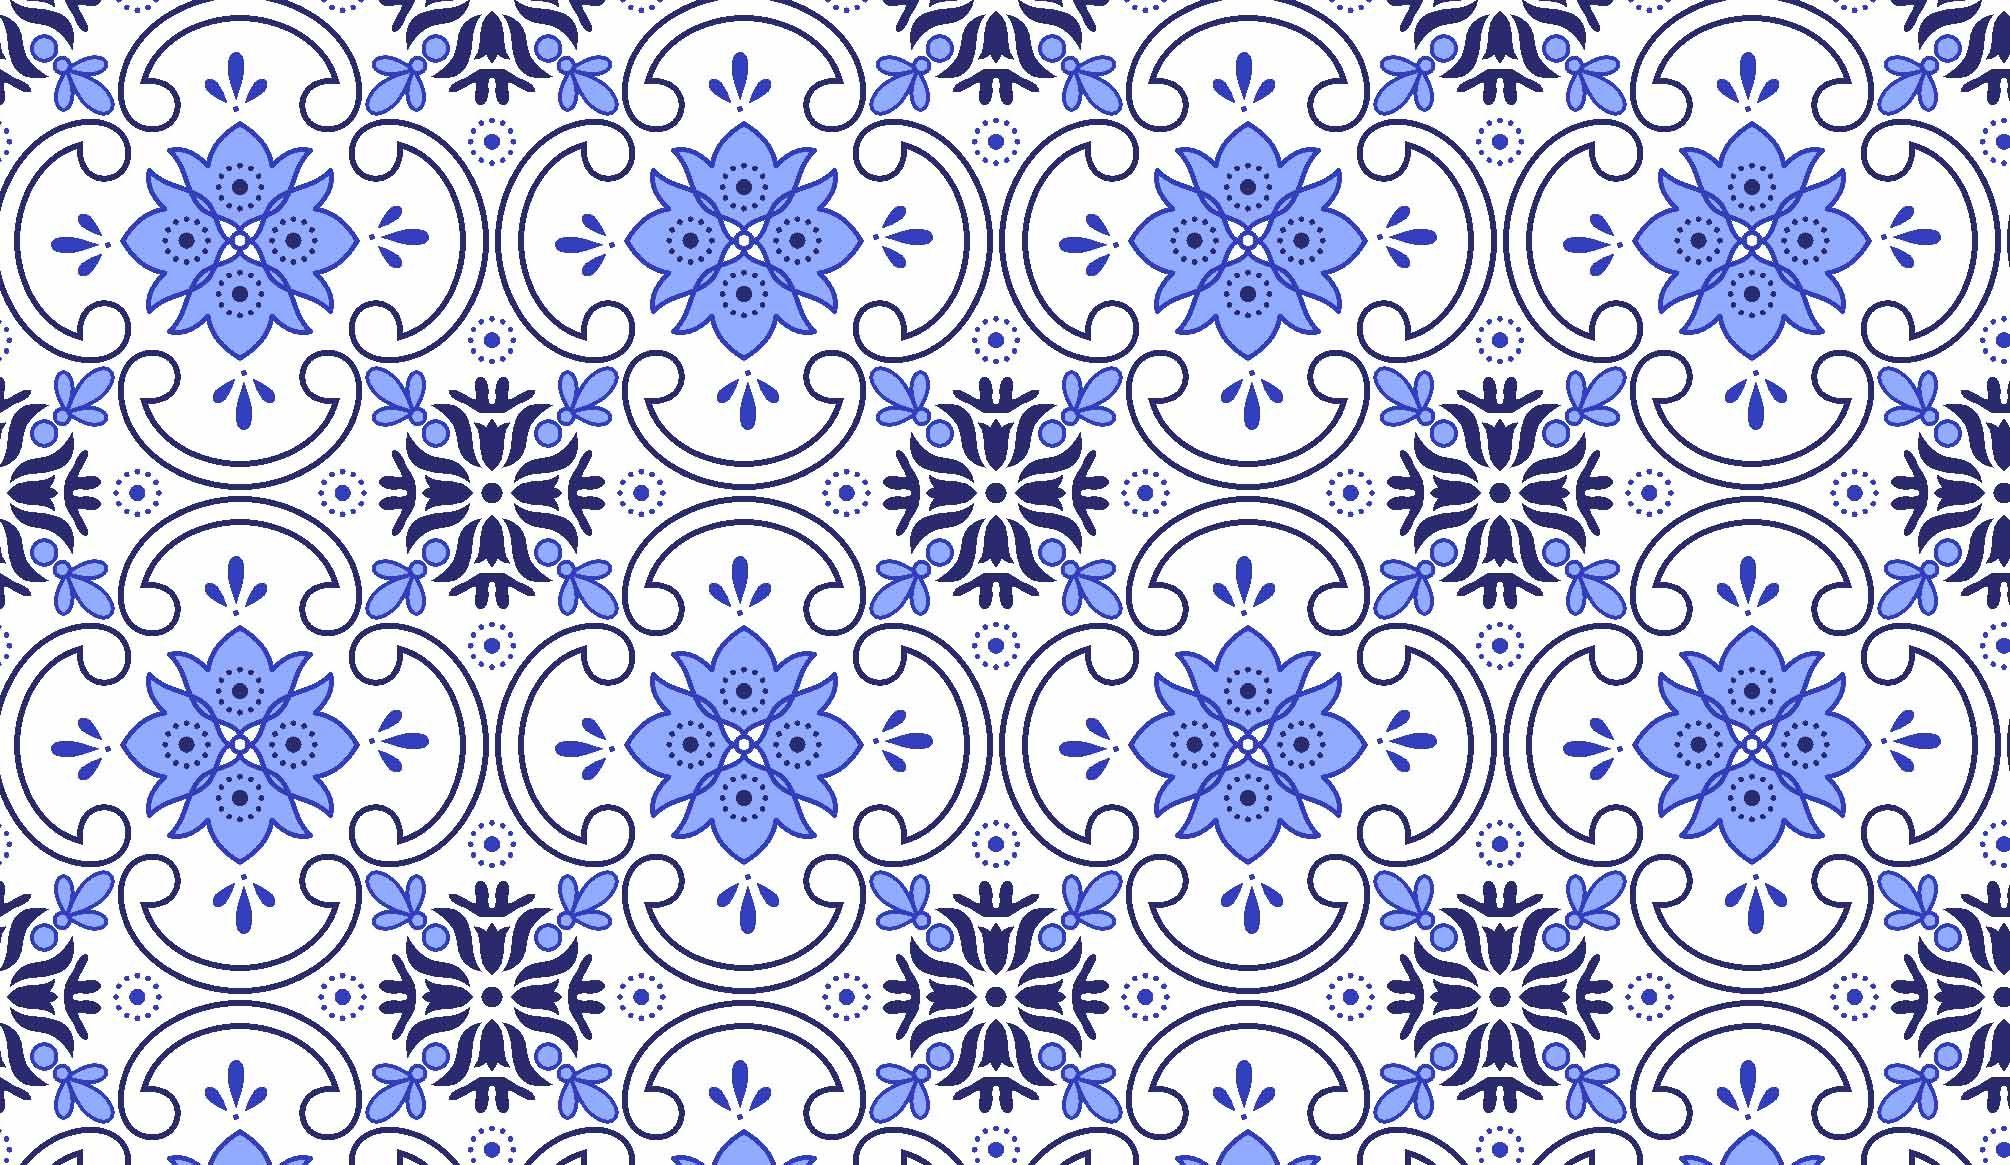 tc333 tecido azulejo azul azulejo #0939C2 2010x1165 Banheiro Com Azulejo Azul E Branco